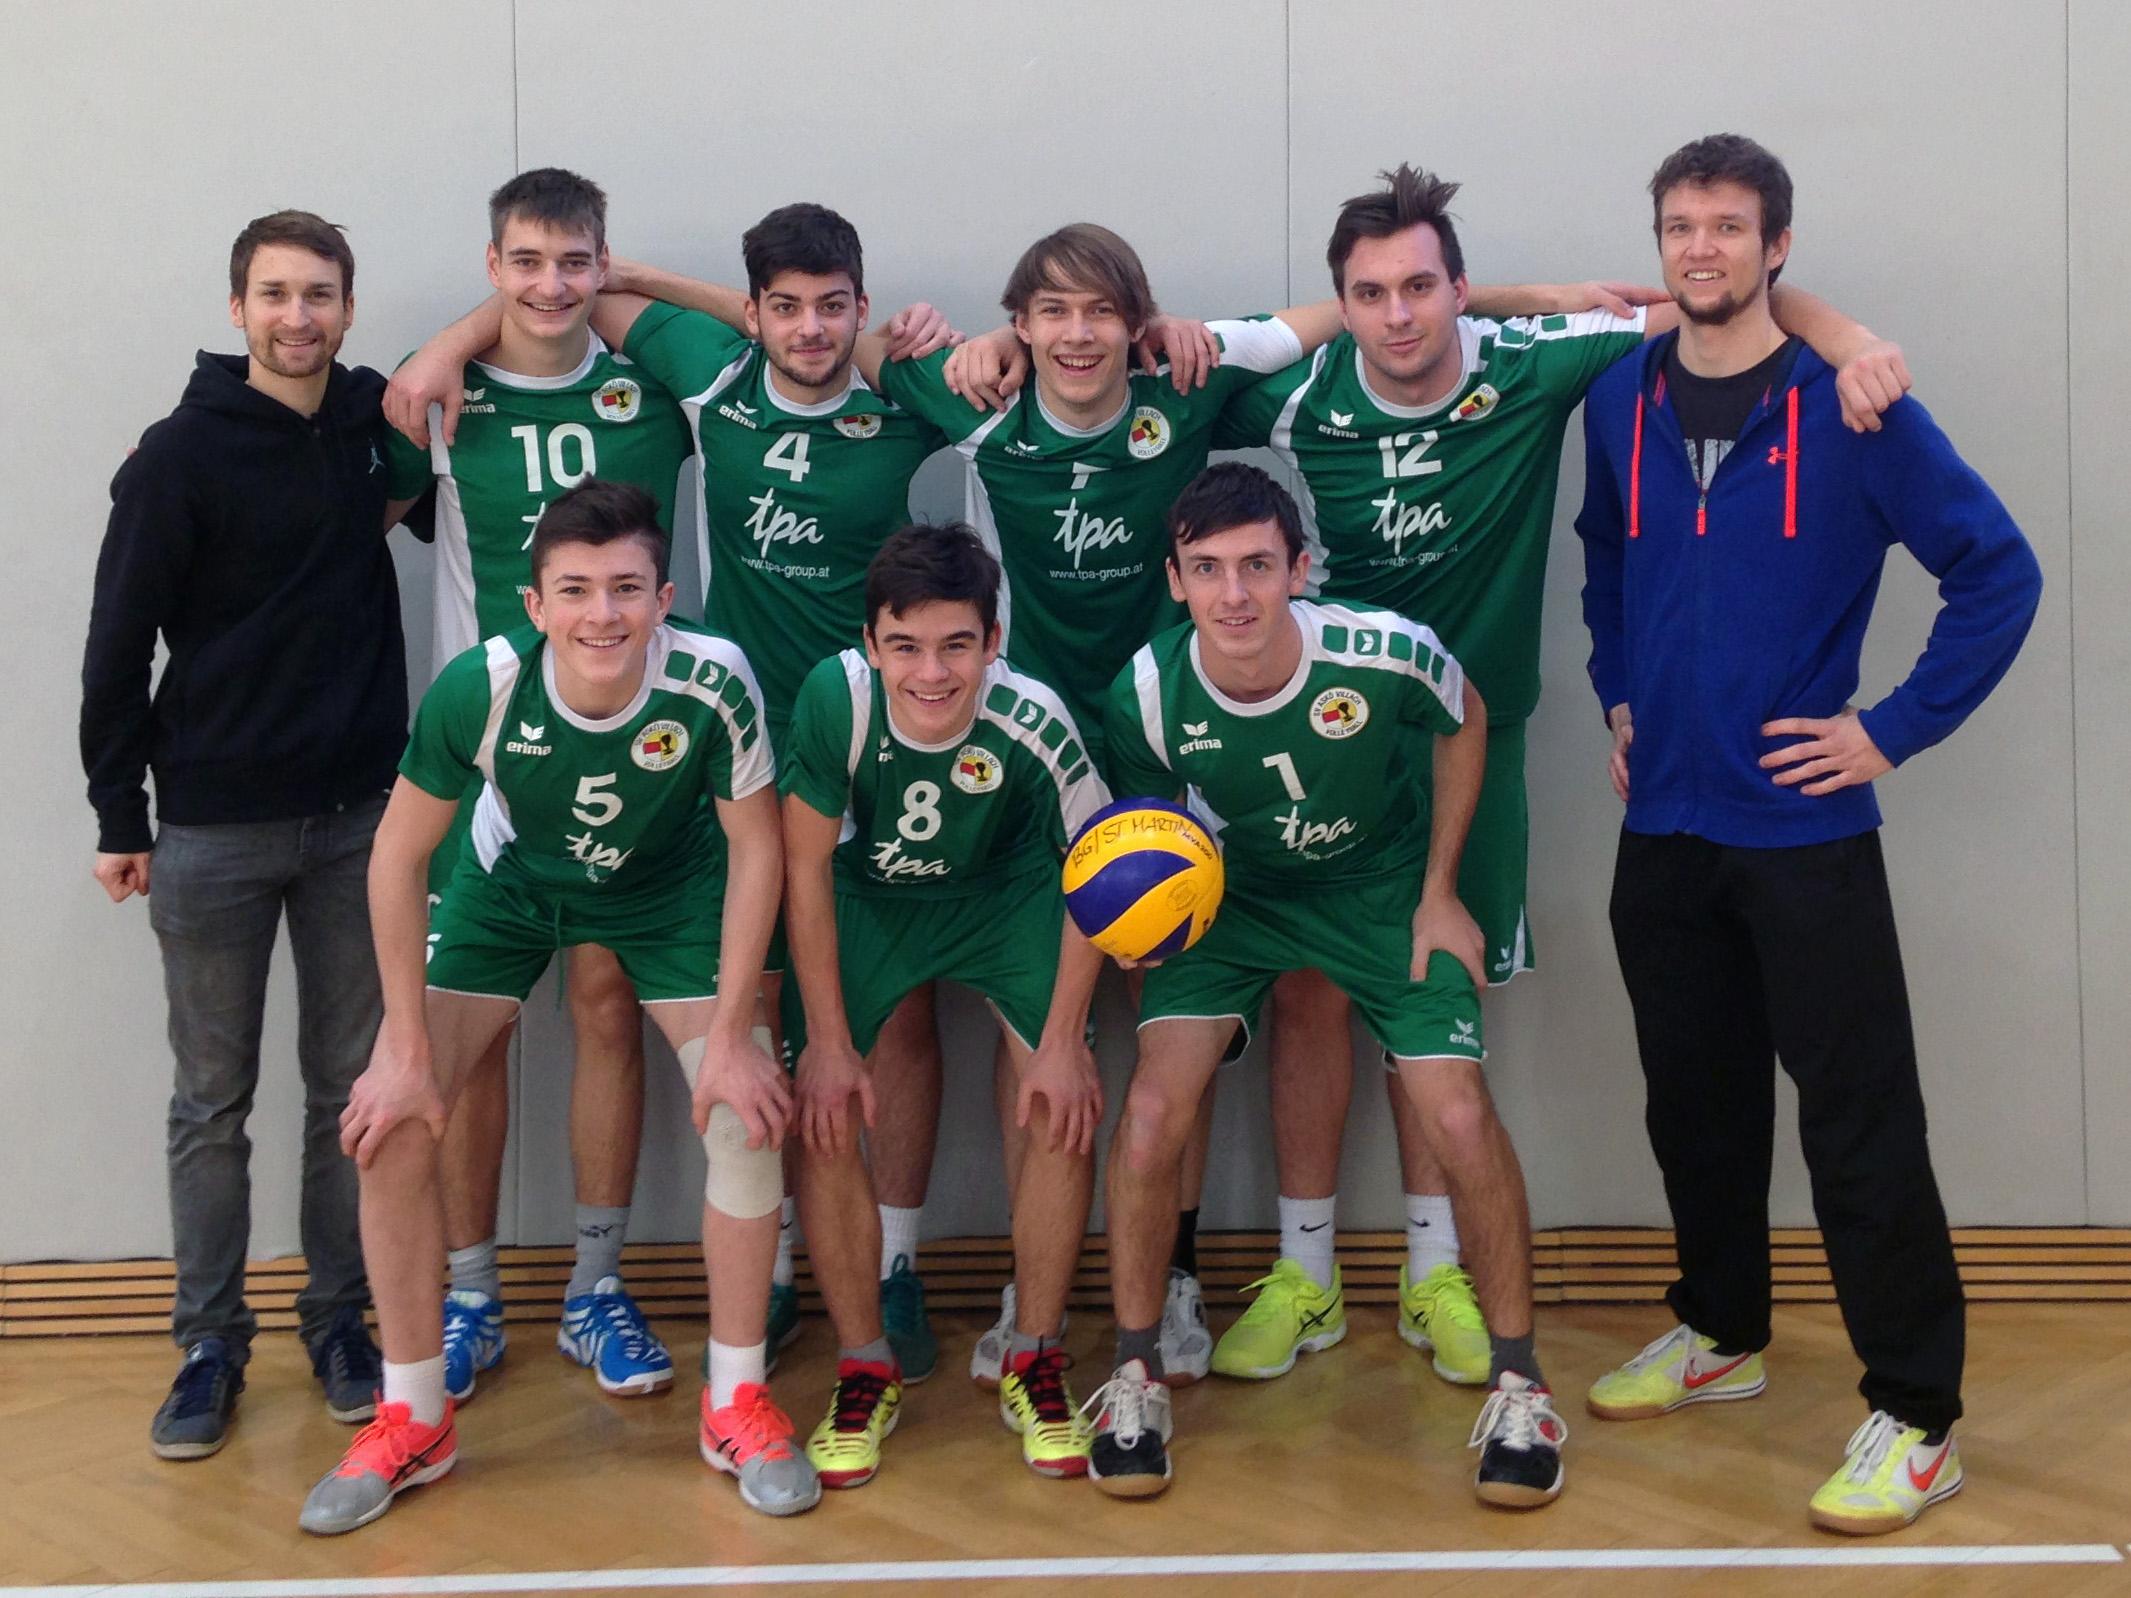 Oberstufenlandesfinale Volleyball 1718 2